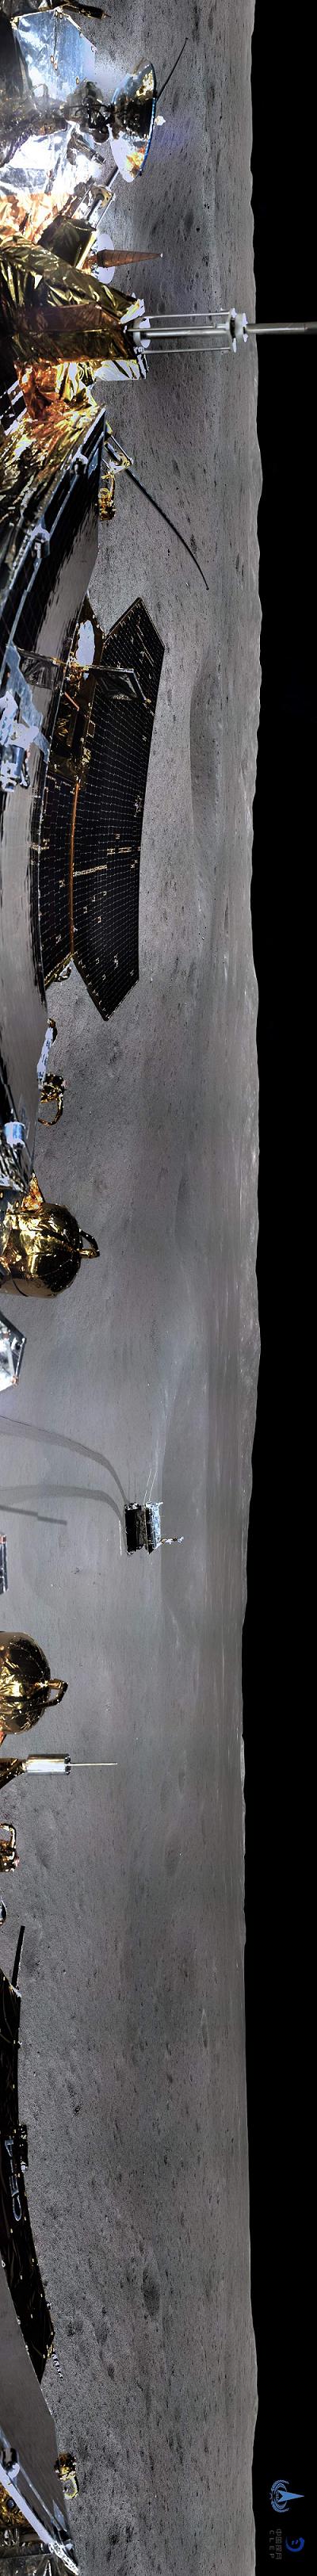 """嫦娥四号传回""""旅行照"""",全球首张照片值得一声""""哇""""!"""